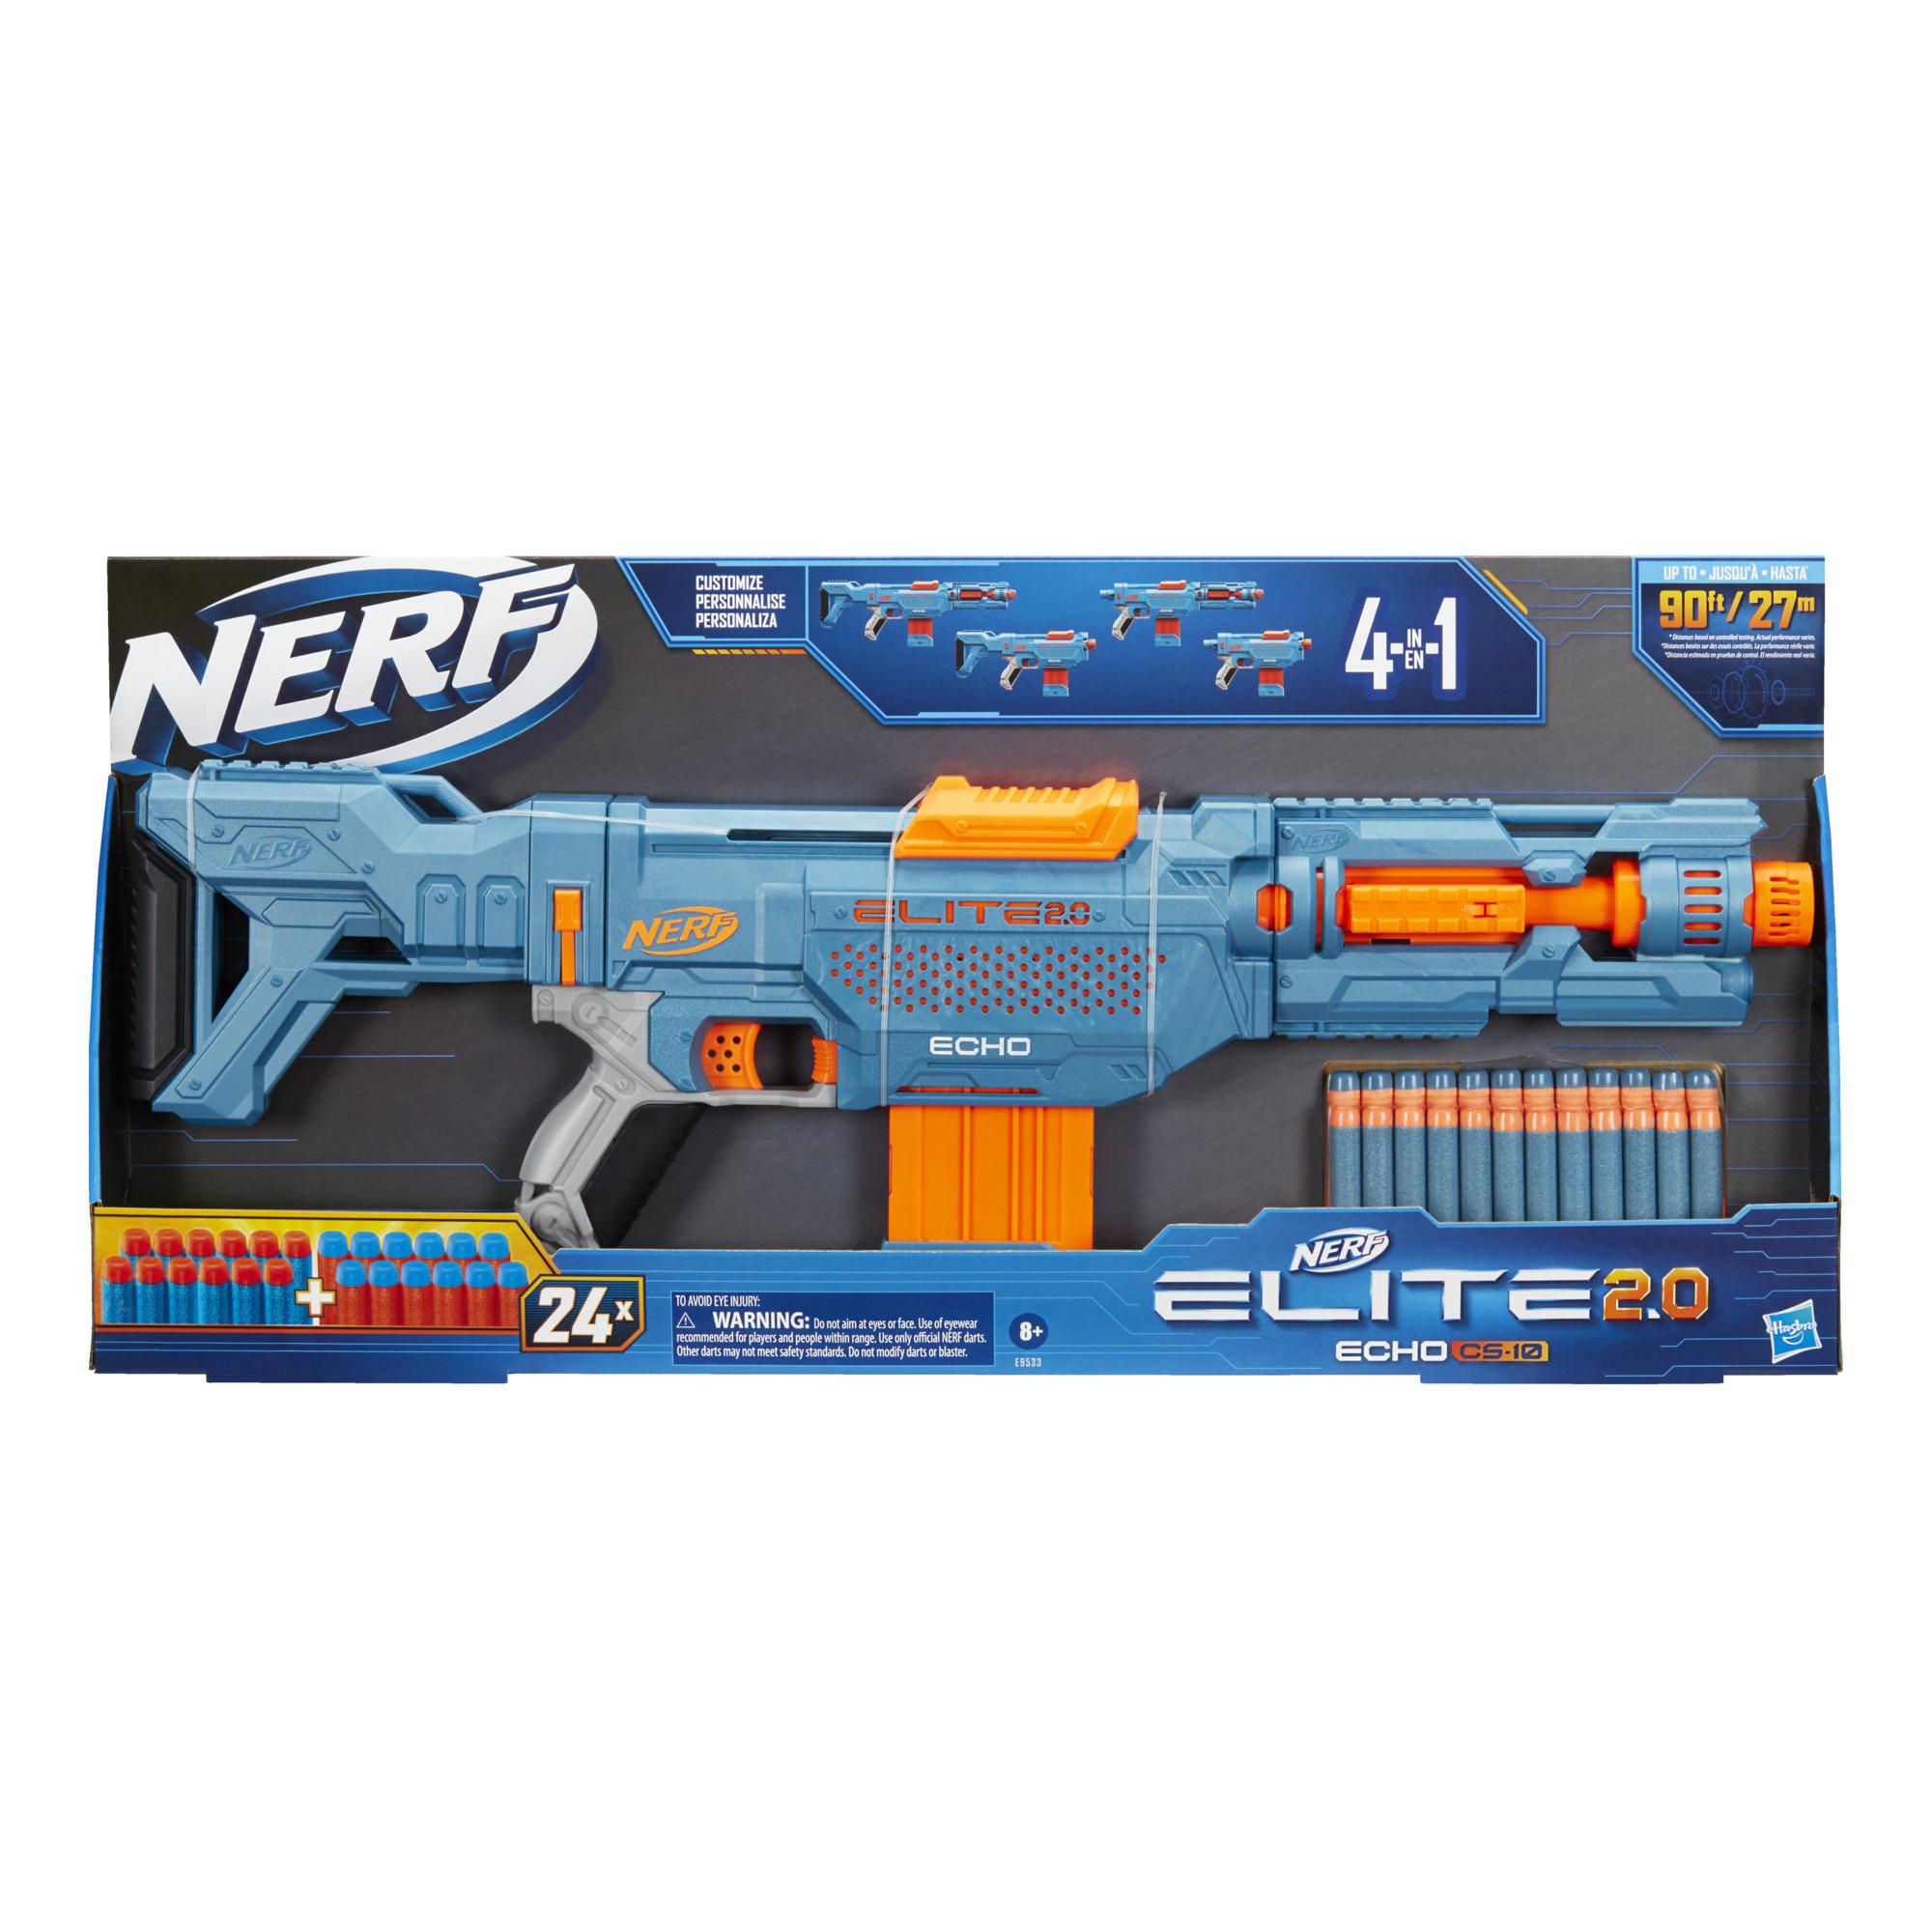 Nerf Elite 2.0, blaster Echo CS-10, 24 fléchettes Nerf, chargeur 10 fléchettes, crosse amovible et rallonge de canon